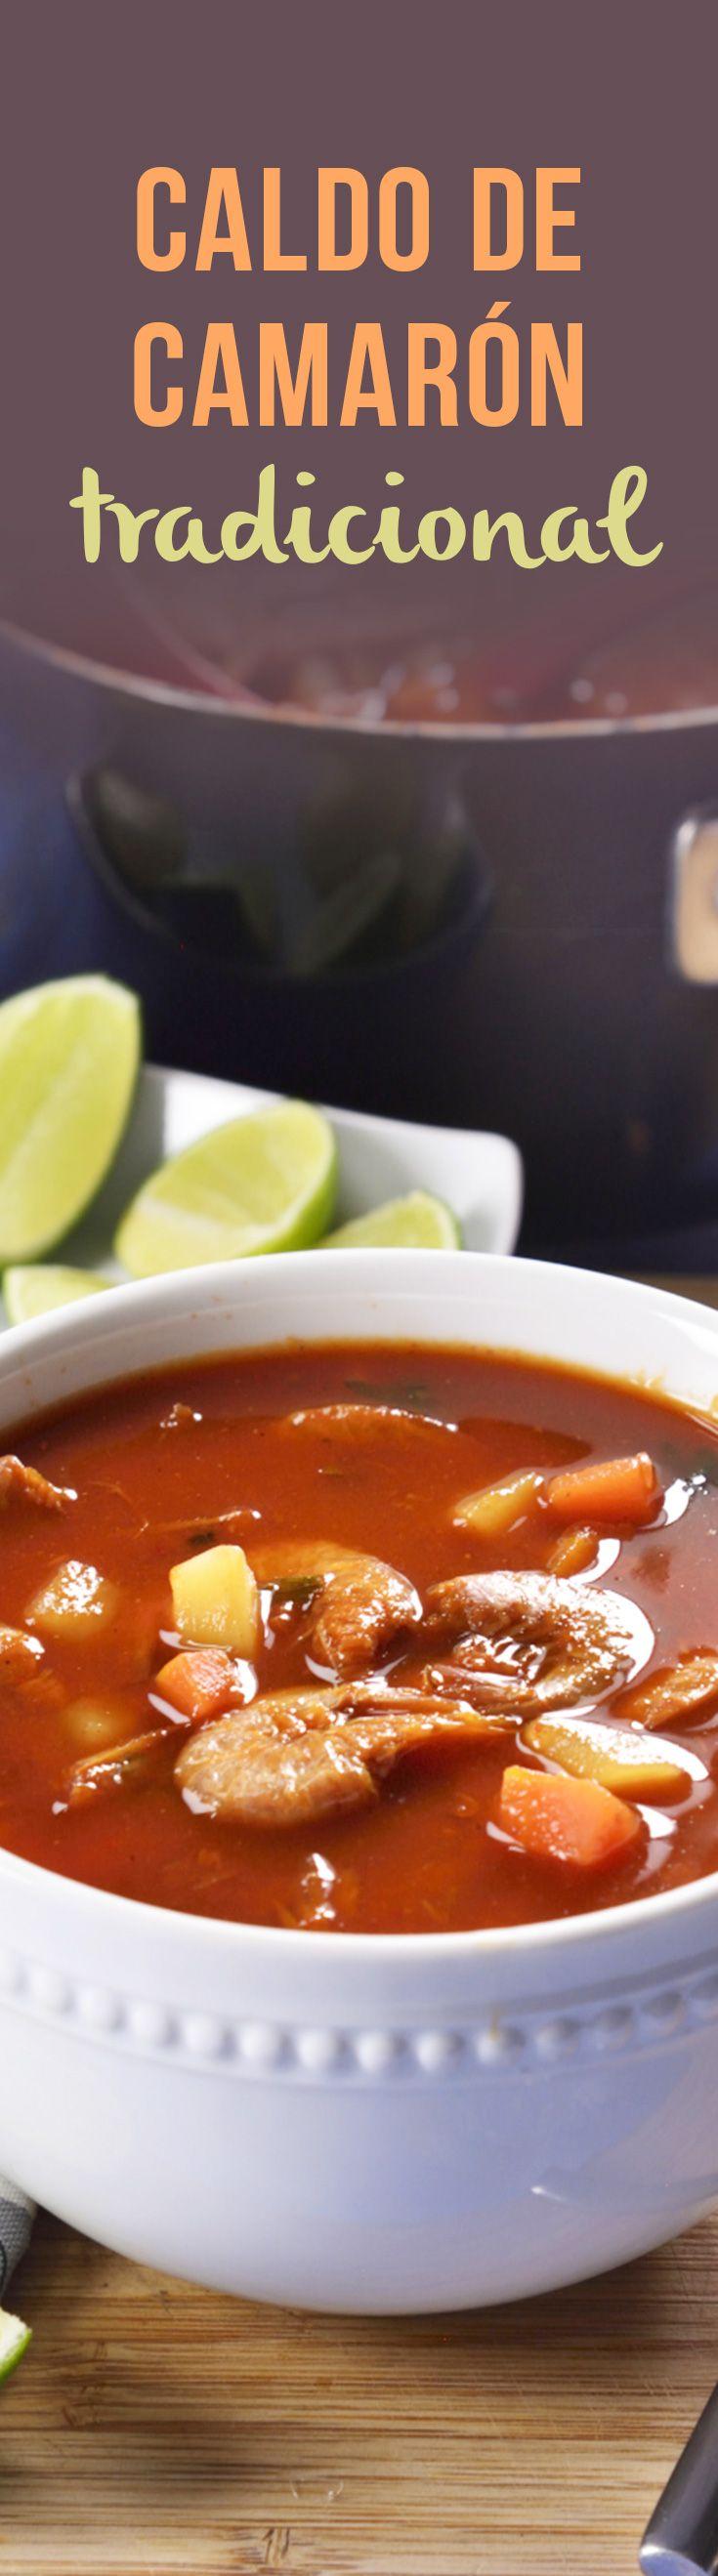 El caldo de camarón es una preparación deliciosa, en nuestro país es una sopa con camarón muy popular. Funciona como un plato fuerte o como una entrada para una rica comida. El caldo de camarón es picosito y delicioso.